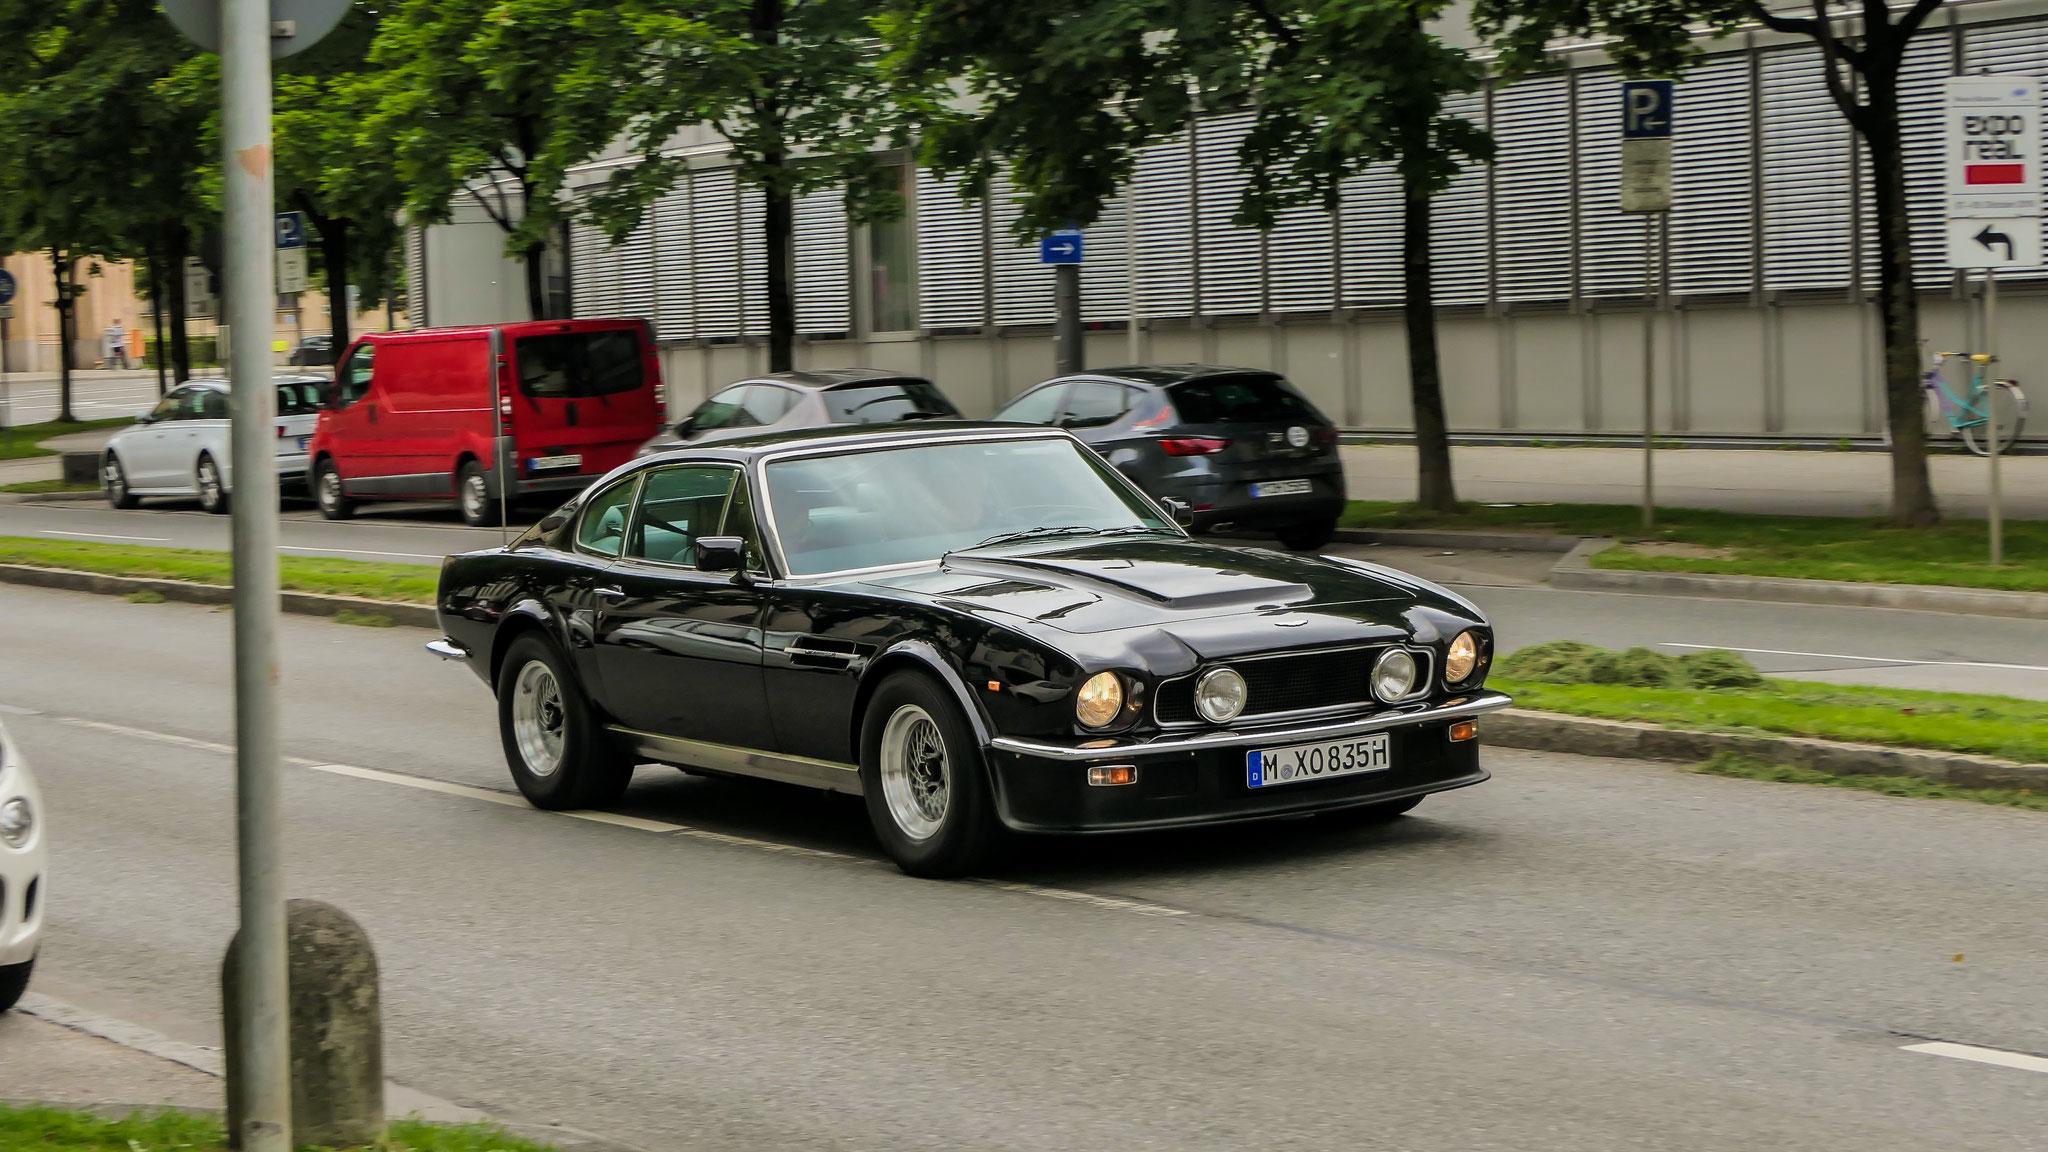 Aston Martin V8 Vantage 1983 - M-XO-835H